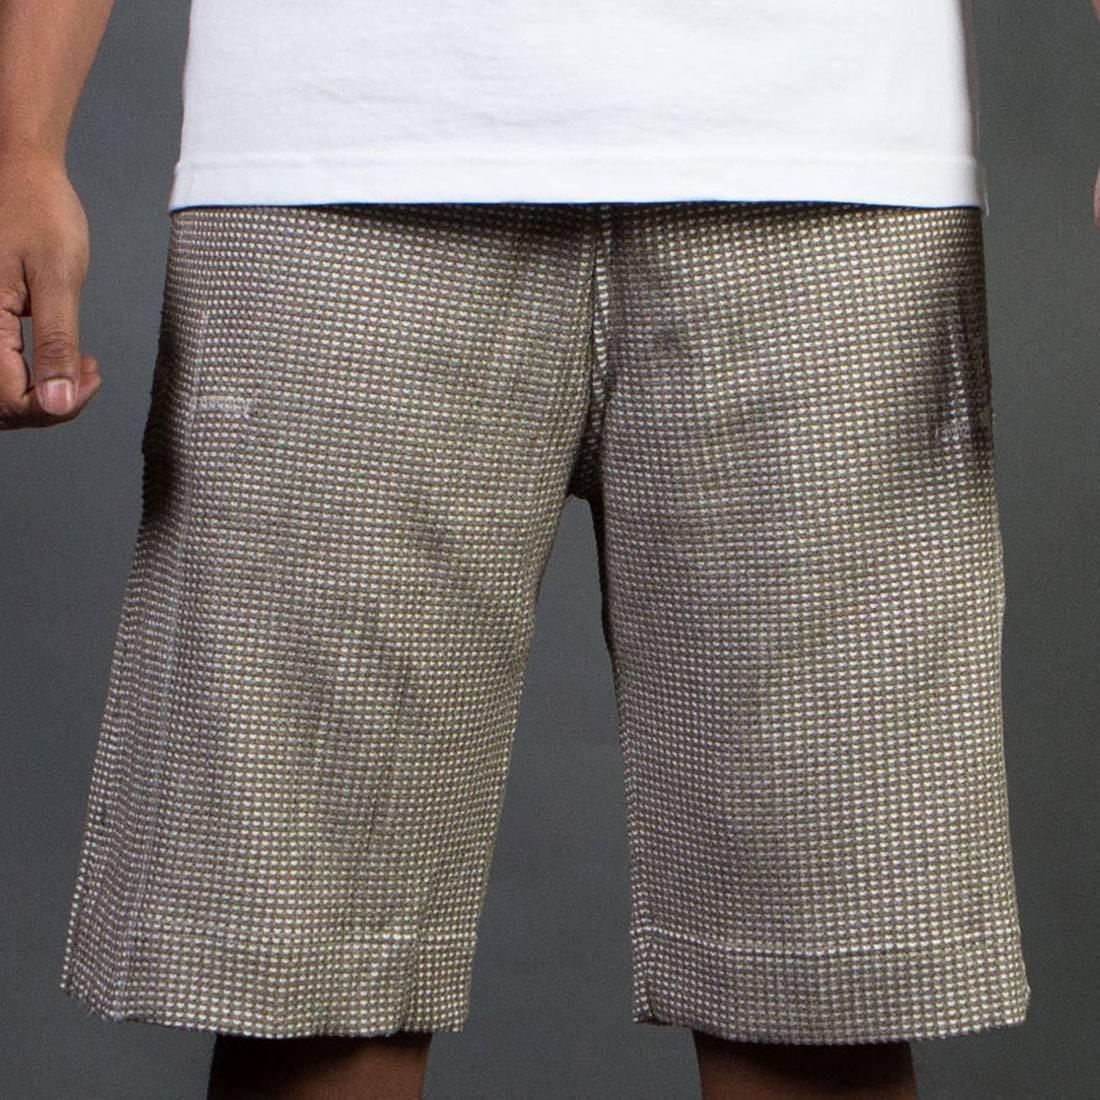 【海外限定】アディダス ワッフル ショーツ ハーフパンツ メンズファッション パンツ 【 ADIDAS CONSORTIUM DAY ONE MEN WAFFLE SHORTS BROWN LIGHT 】